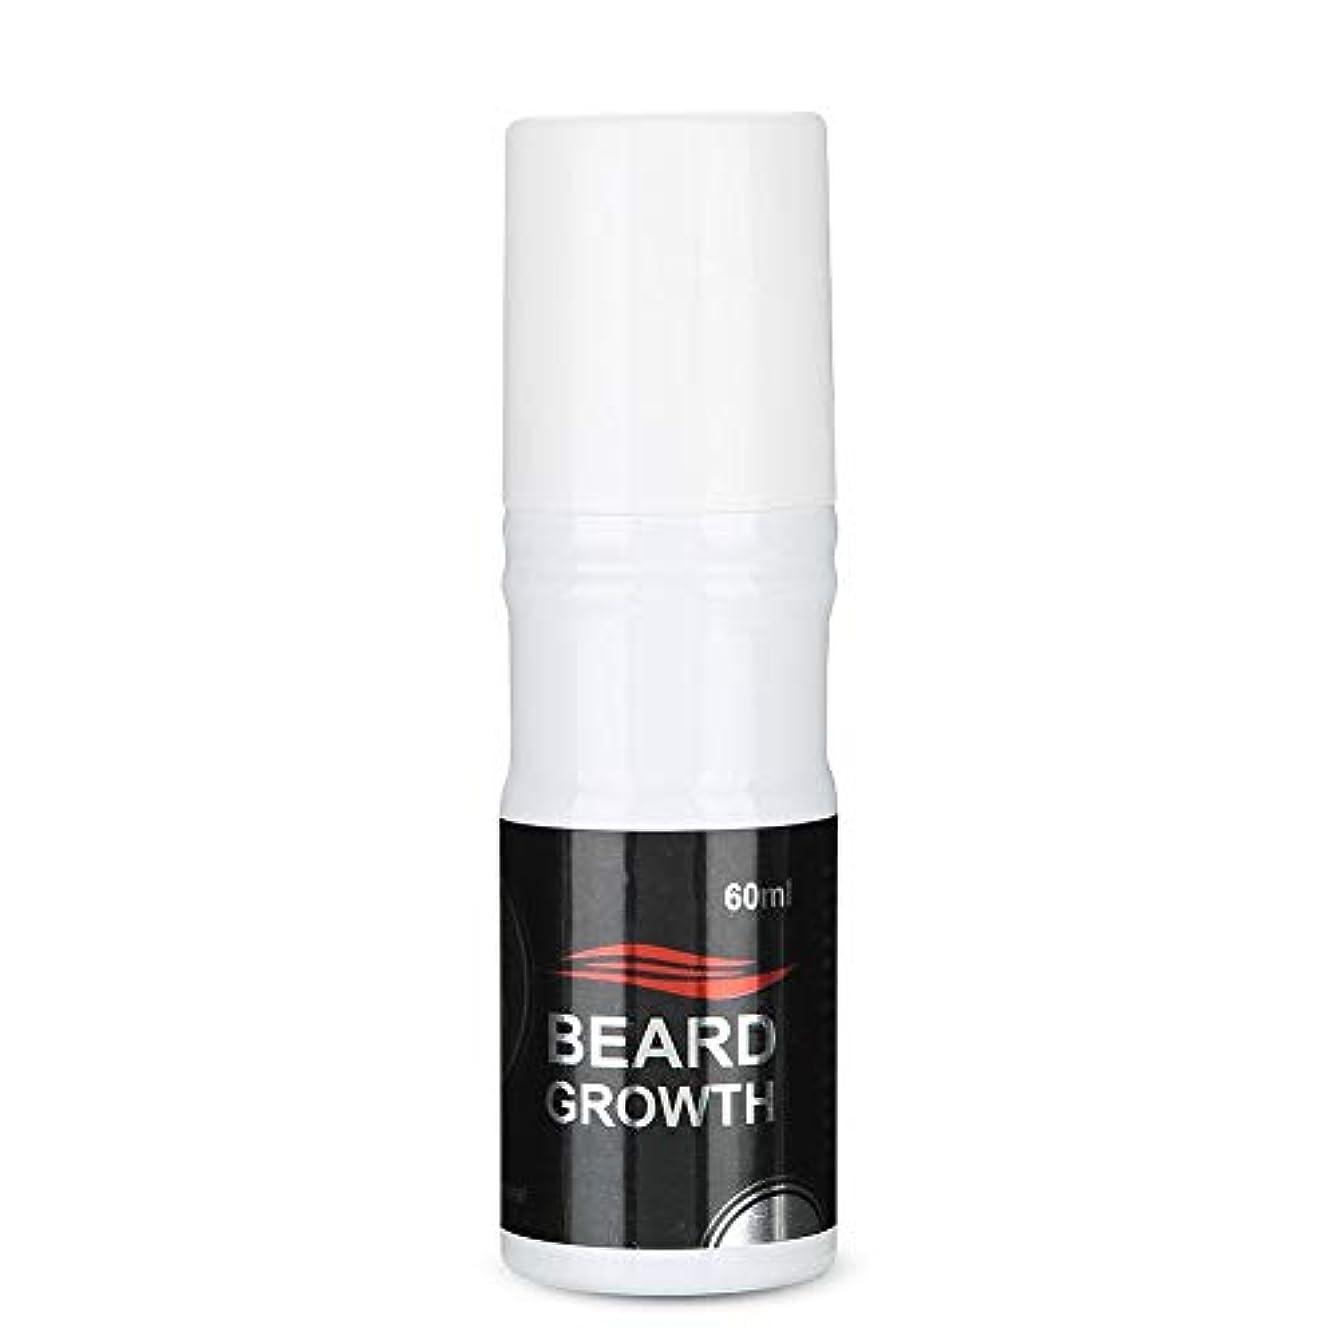 受ける放送言語学Semme 60ml男性のひげの成長のスプレー、より厚いのための自然で加速するひげの成長オイルの顔の毛の成長Lequidおよびより完全なひげ